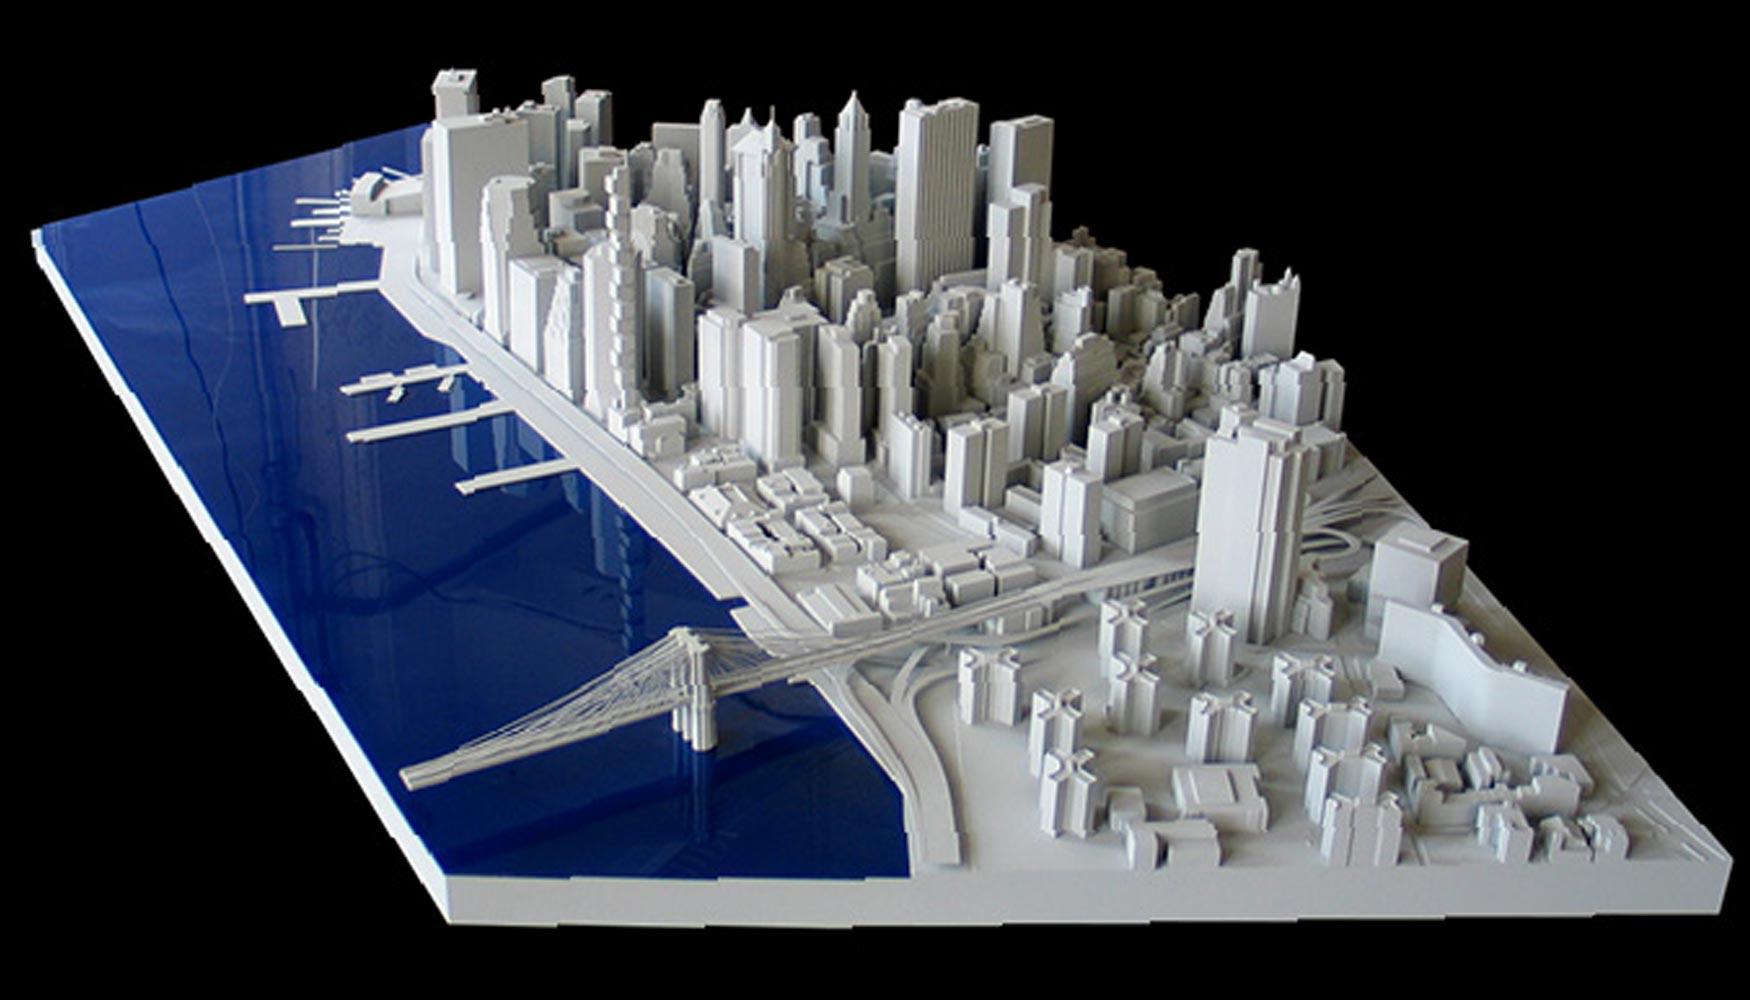 arquitectura e impresi n 3d construcci n